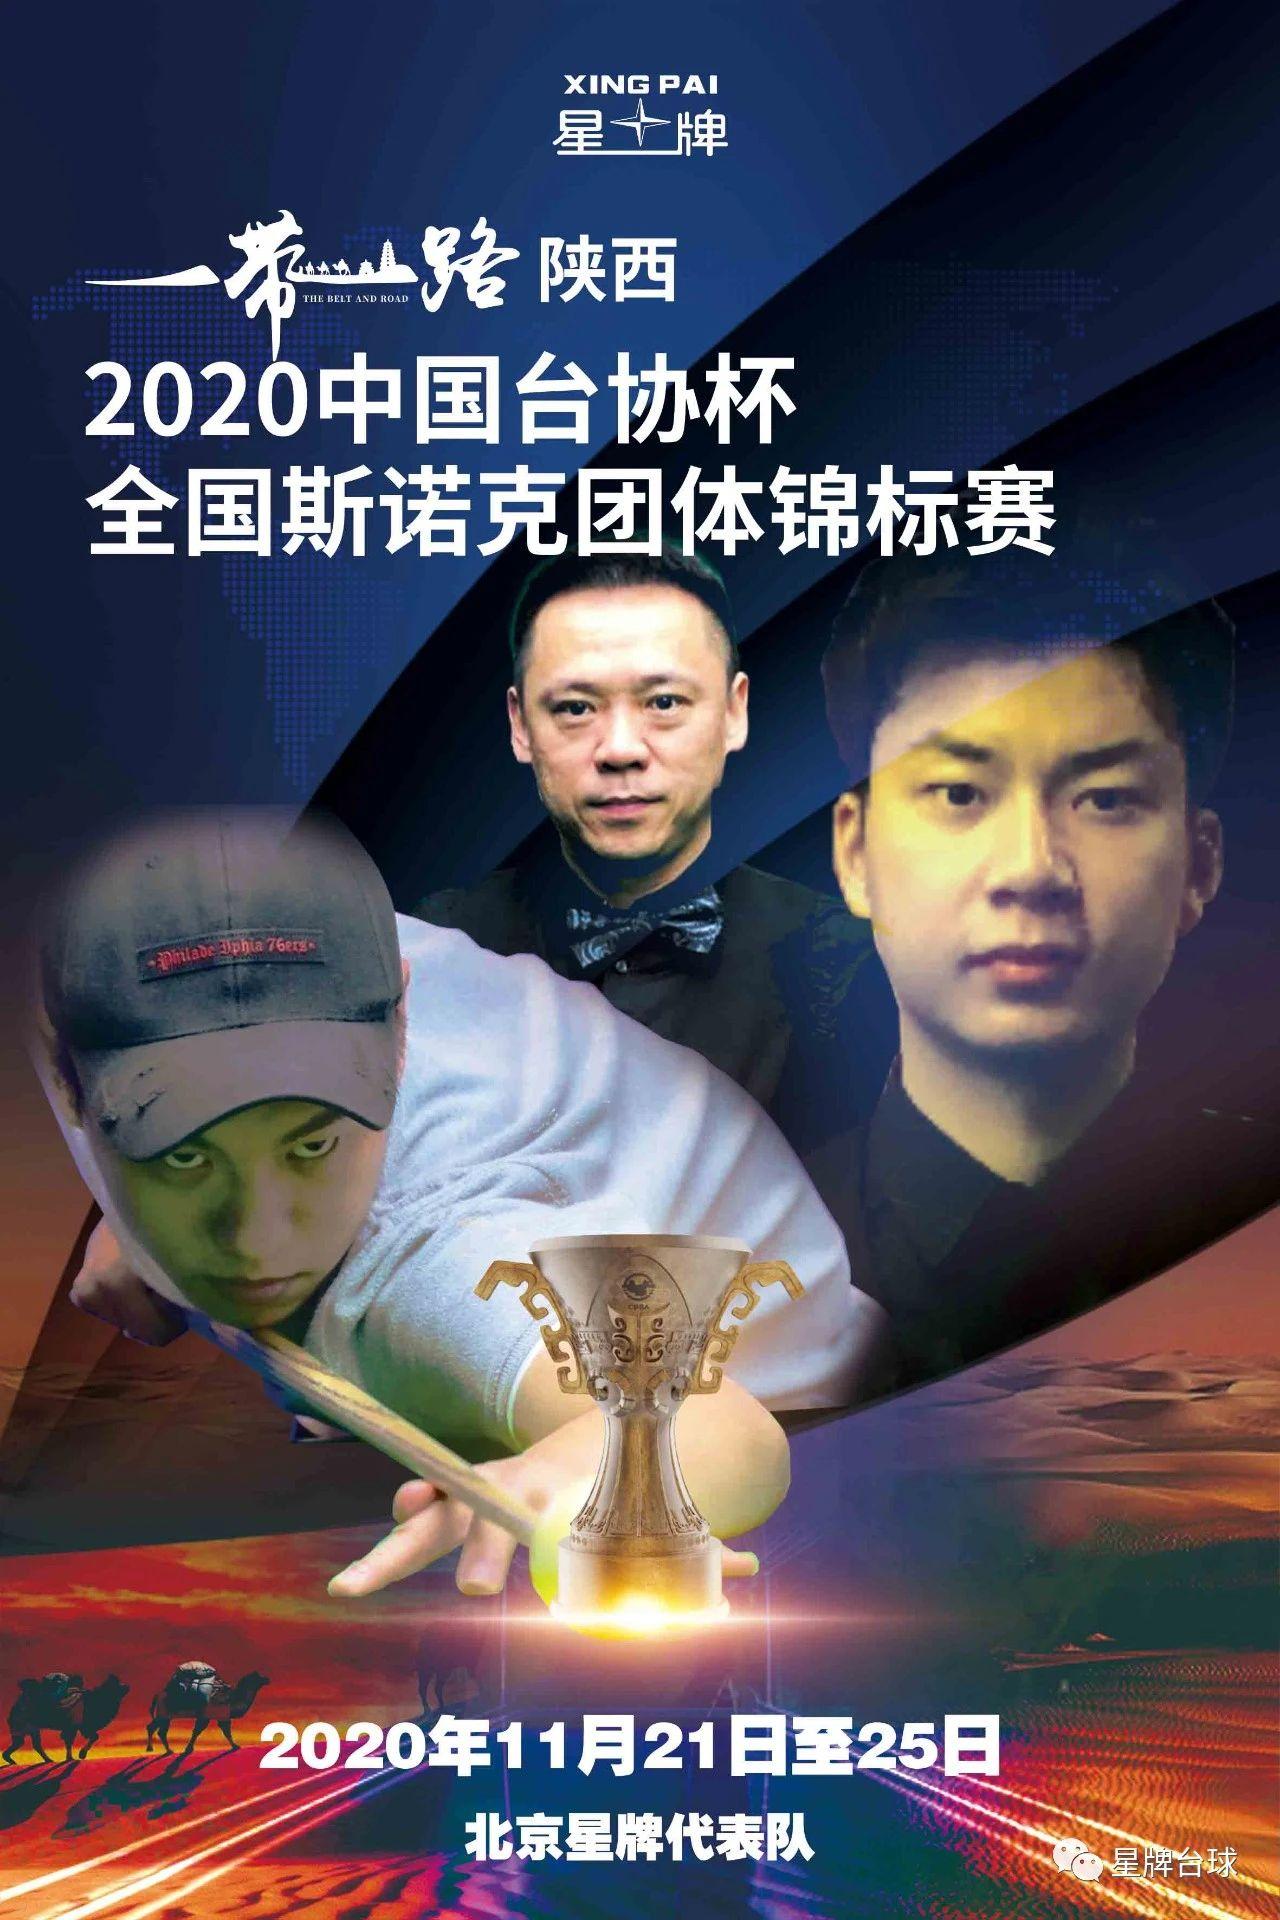 北京星牌代表队出征全国斯诺克团体锦标赛